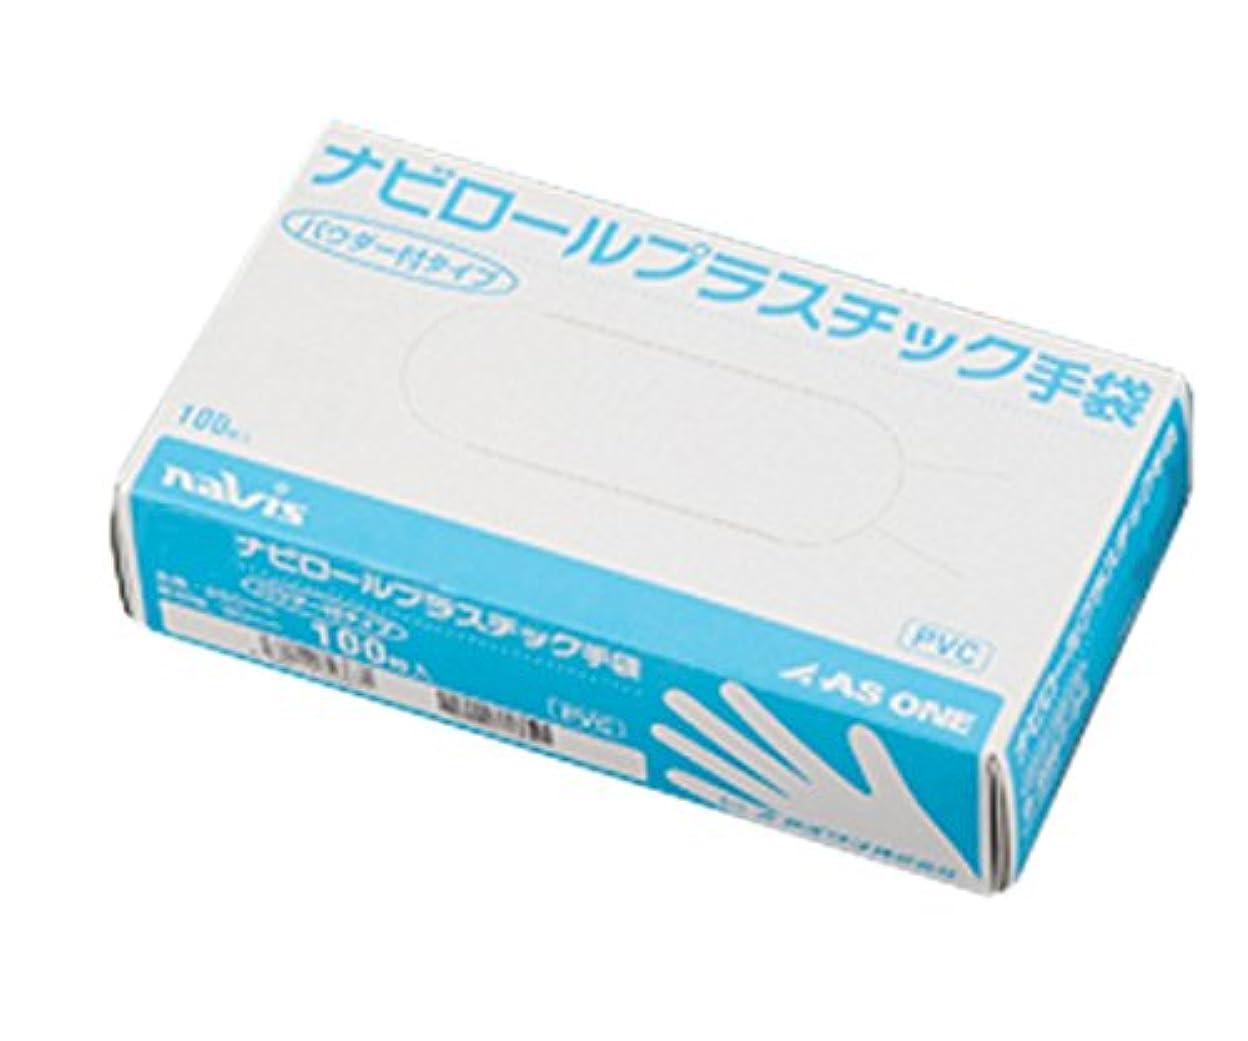 リブ閉塞定義するアズワン ナビロールプラスチック手袋(パウダー付き) M 100枚入